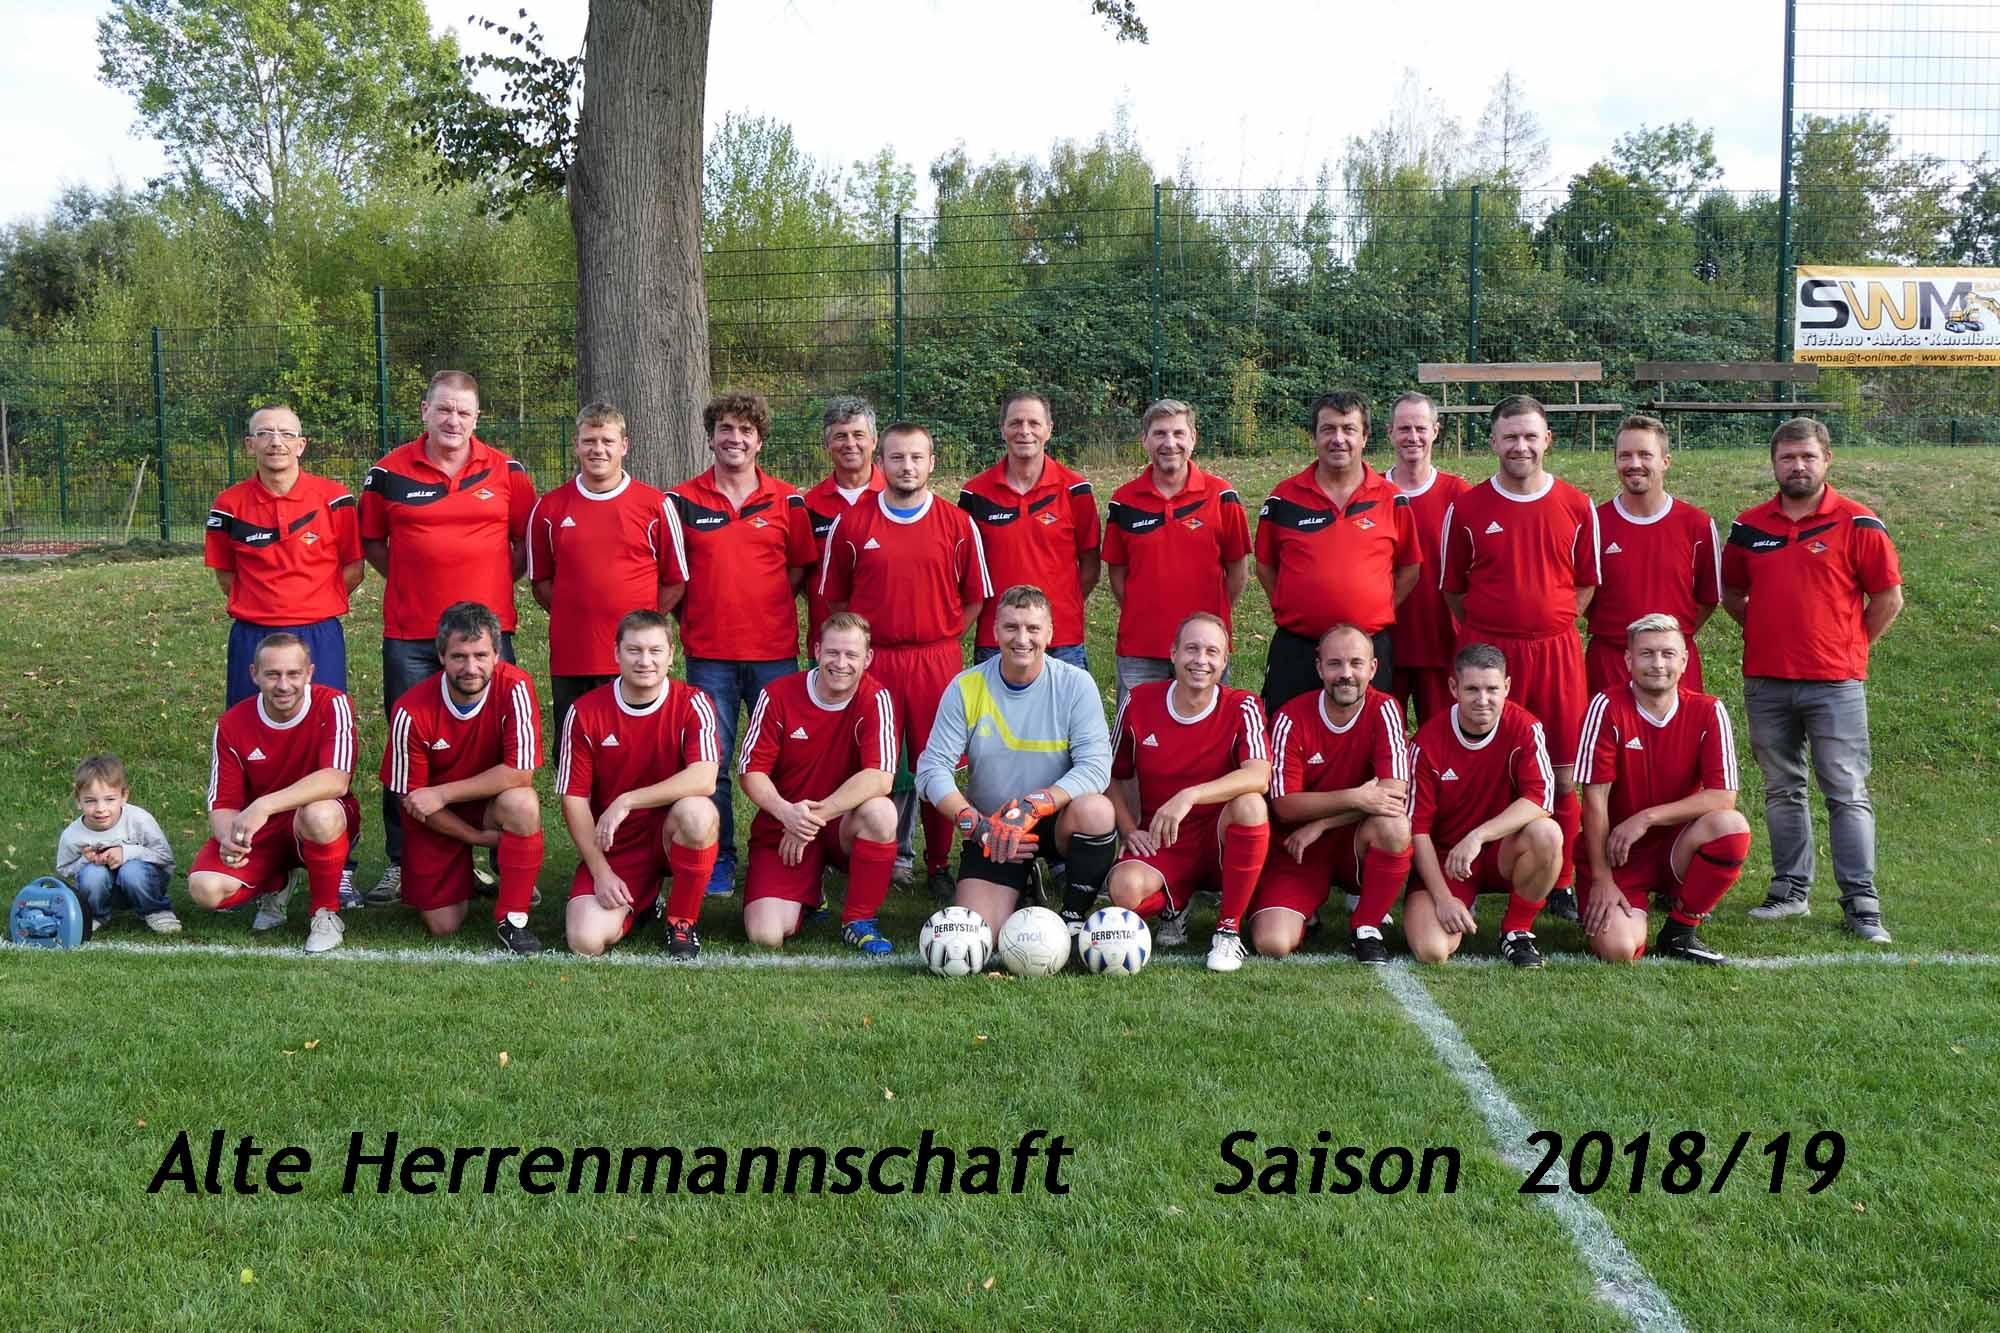 Alte Herren 18-19